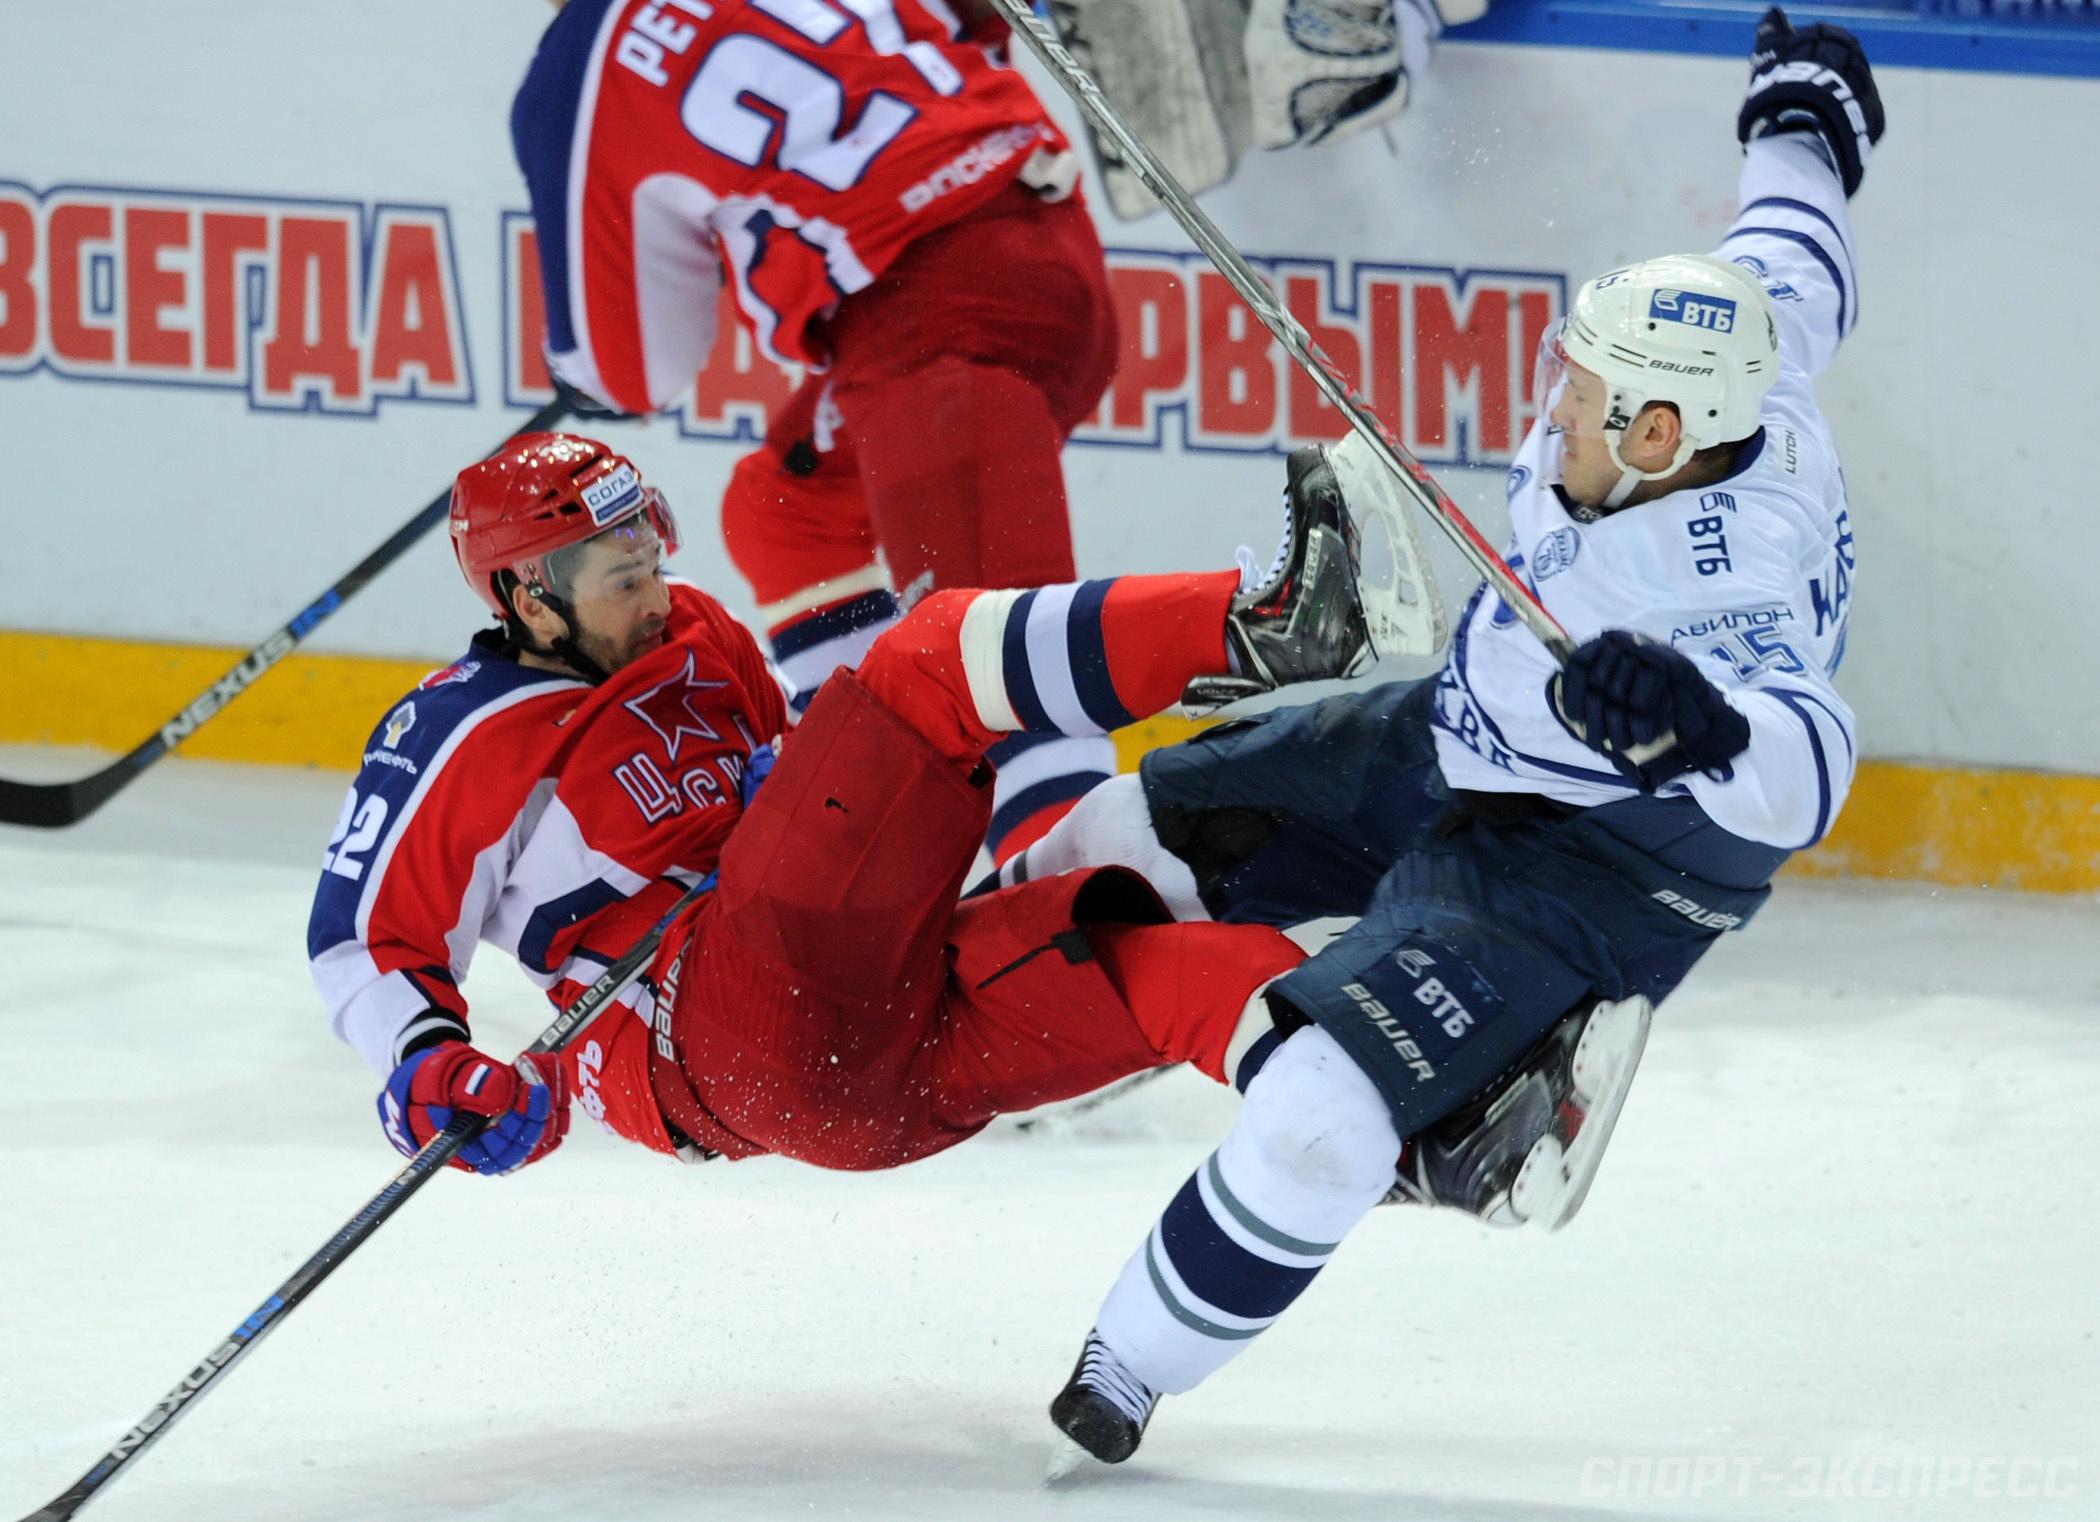 Заслуженный мастер спорта Александр Юдин: Армейцам надо беречь Дацюка и охранять Хоккей. КХЛ